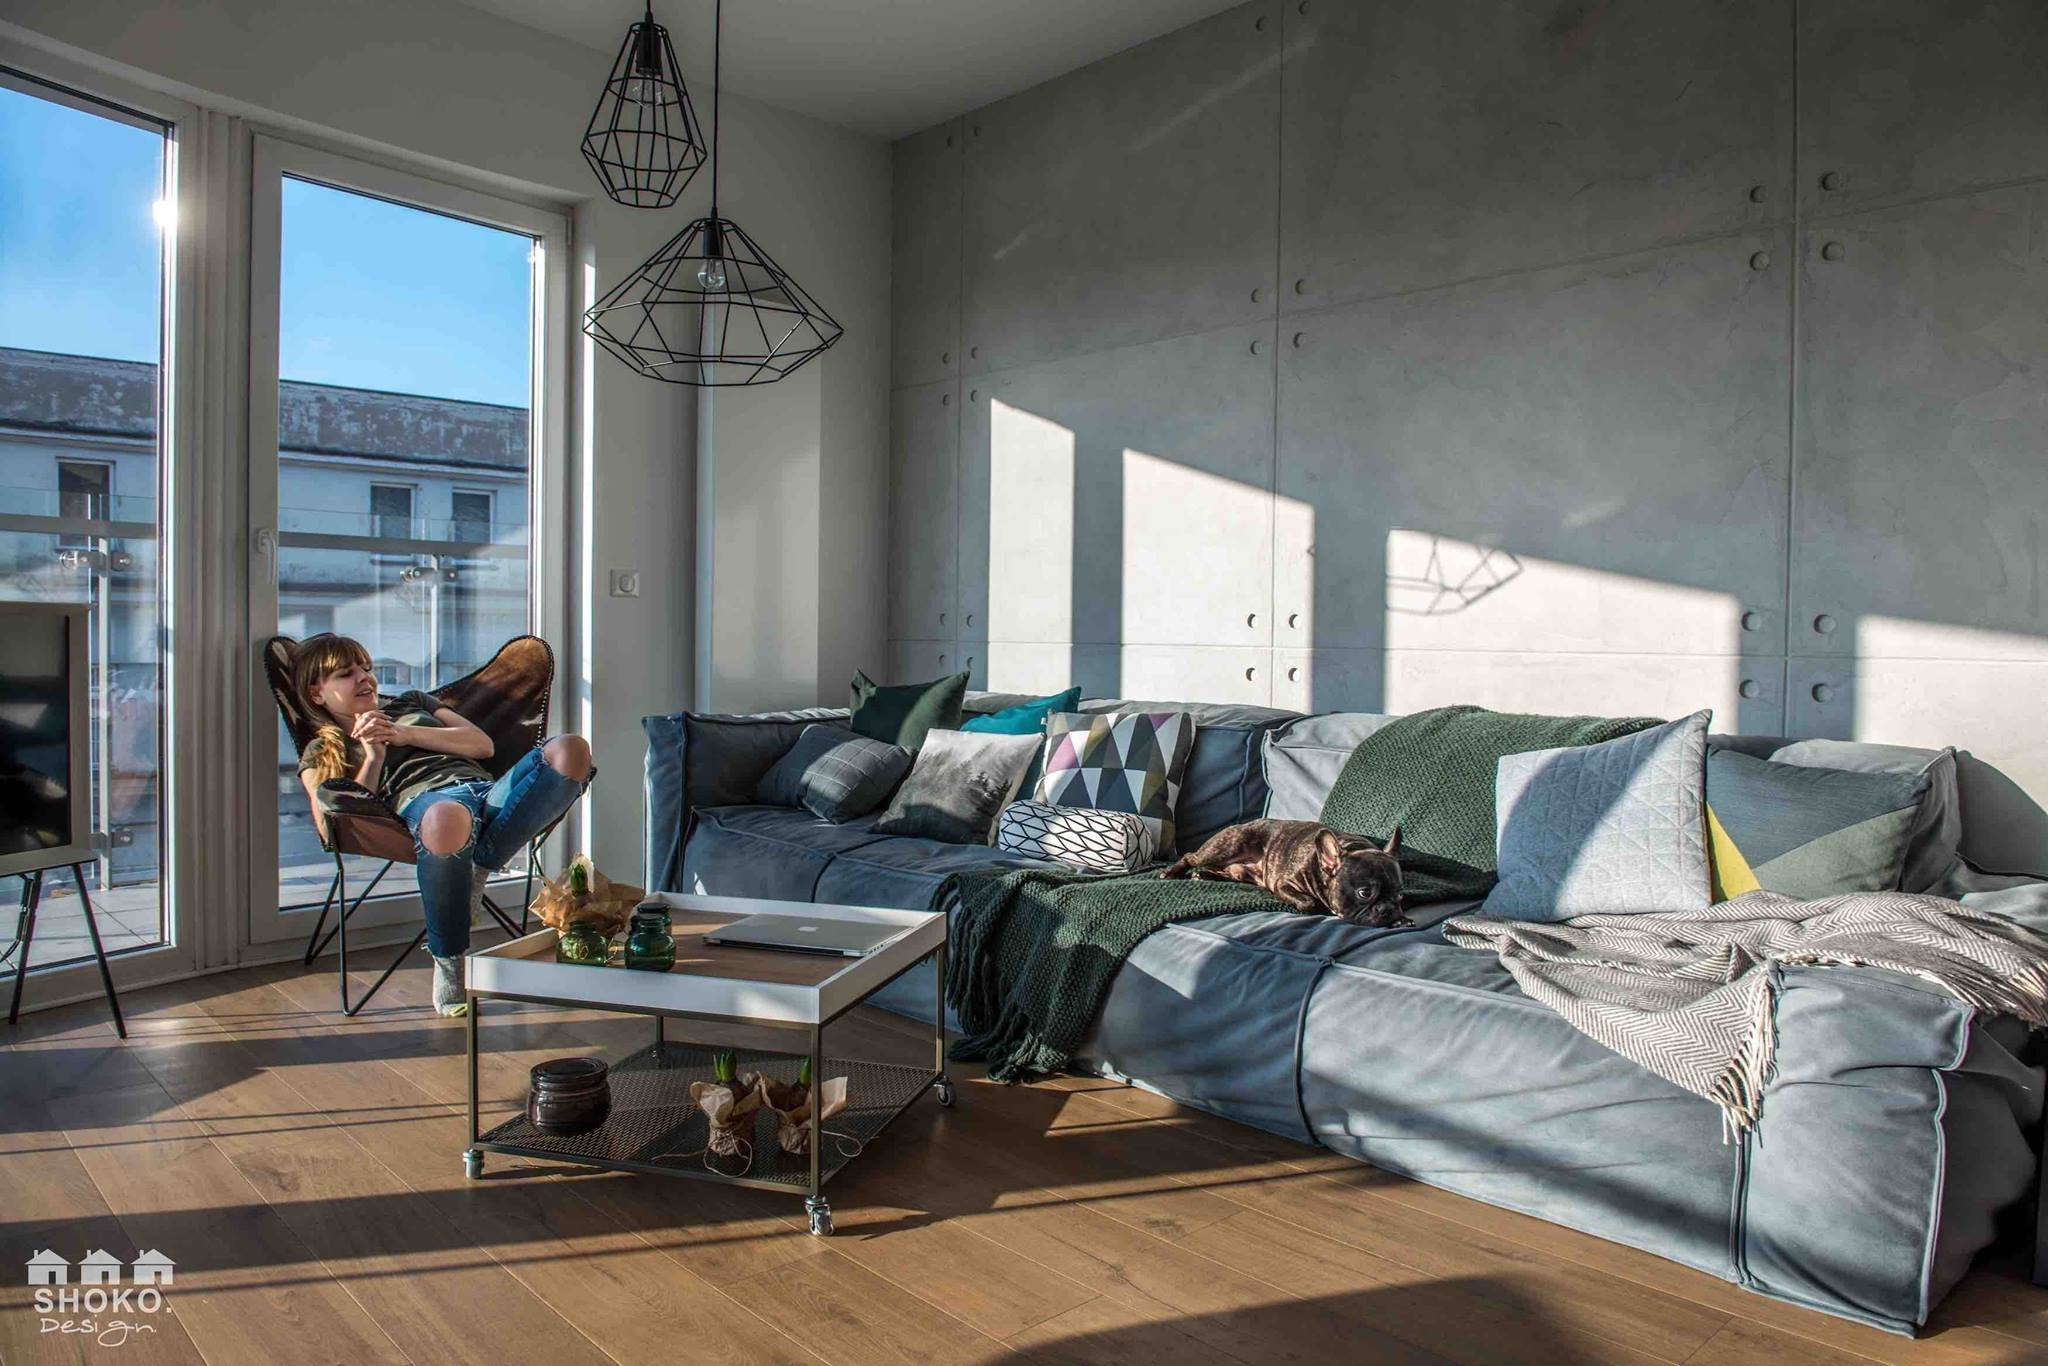 Tento sympatický moderní polský byt, ve kterém žije mladý novomanželský pár se psem, na první pohled upoutá úžasně prostornými okny, díky nimž je celý apartmán naplněn enormním množstvím světla a která navíc umožňují ojedinělý panoramatický výhled na město.